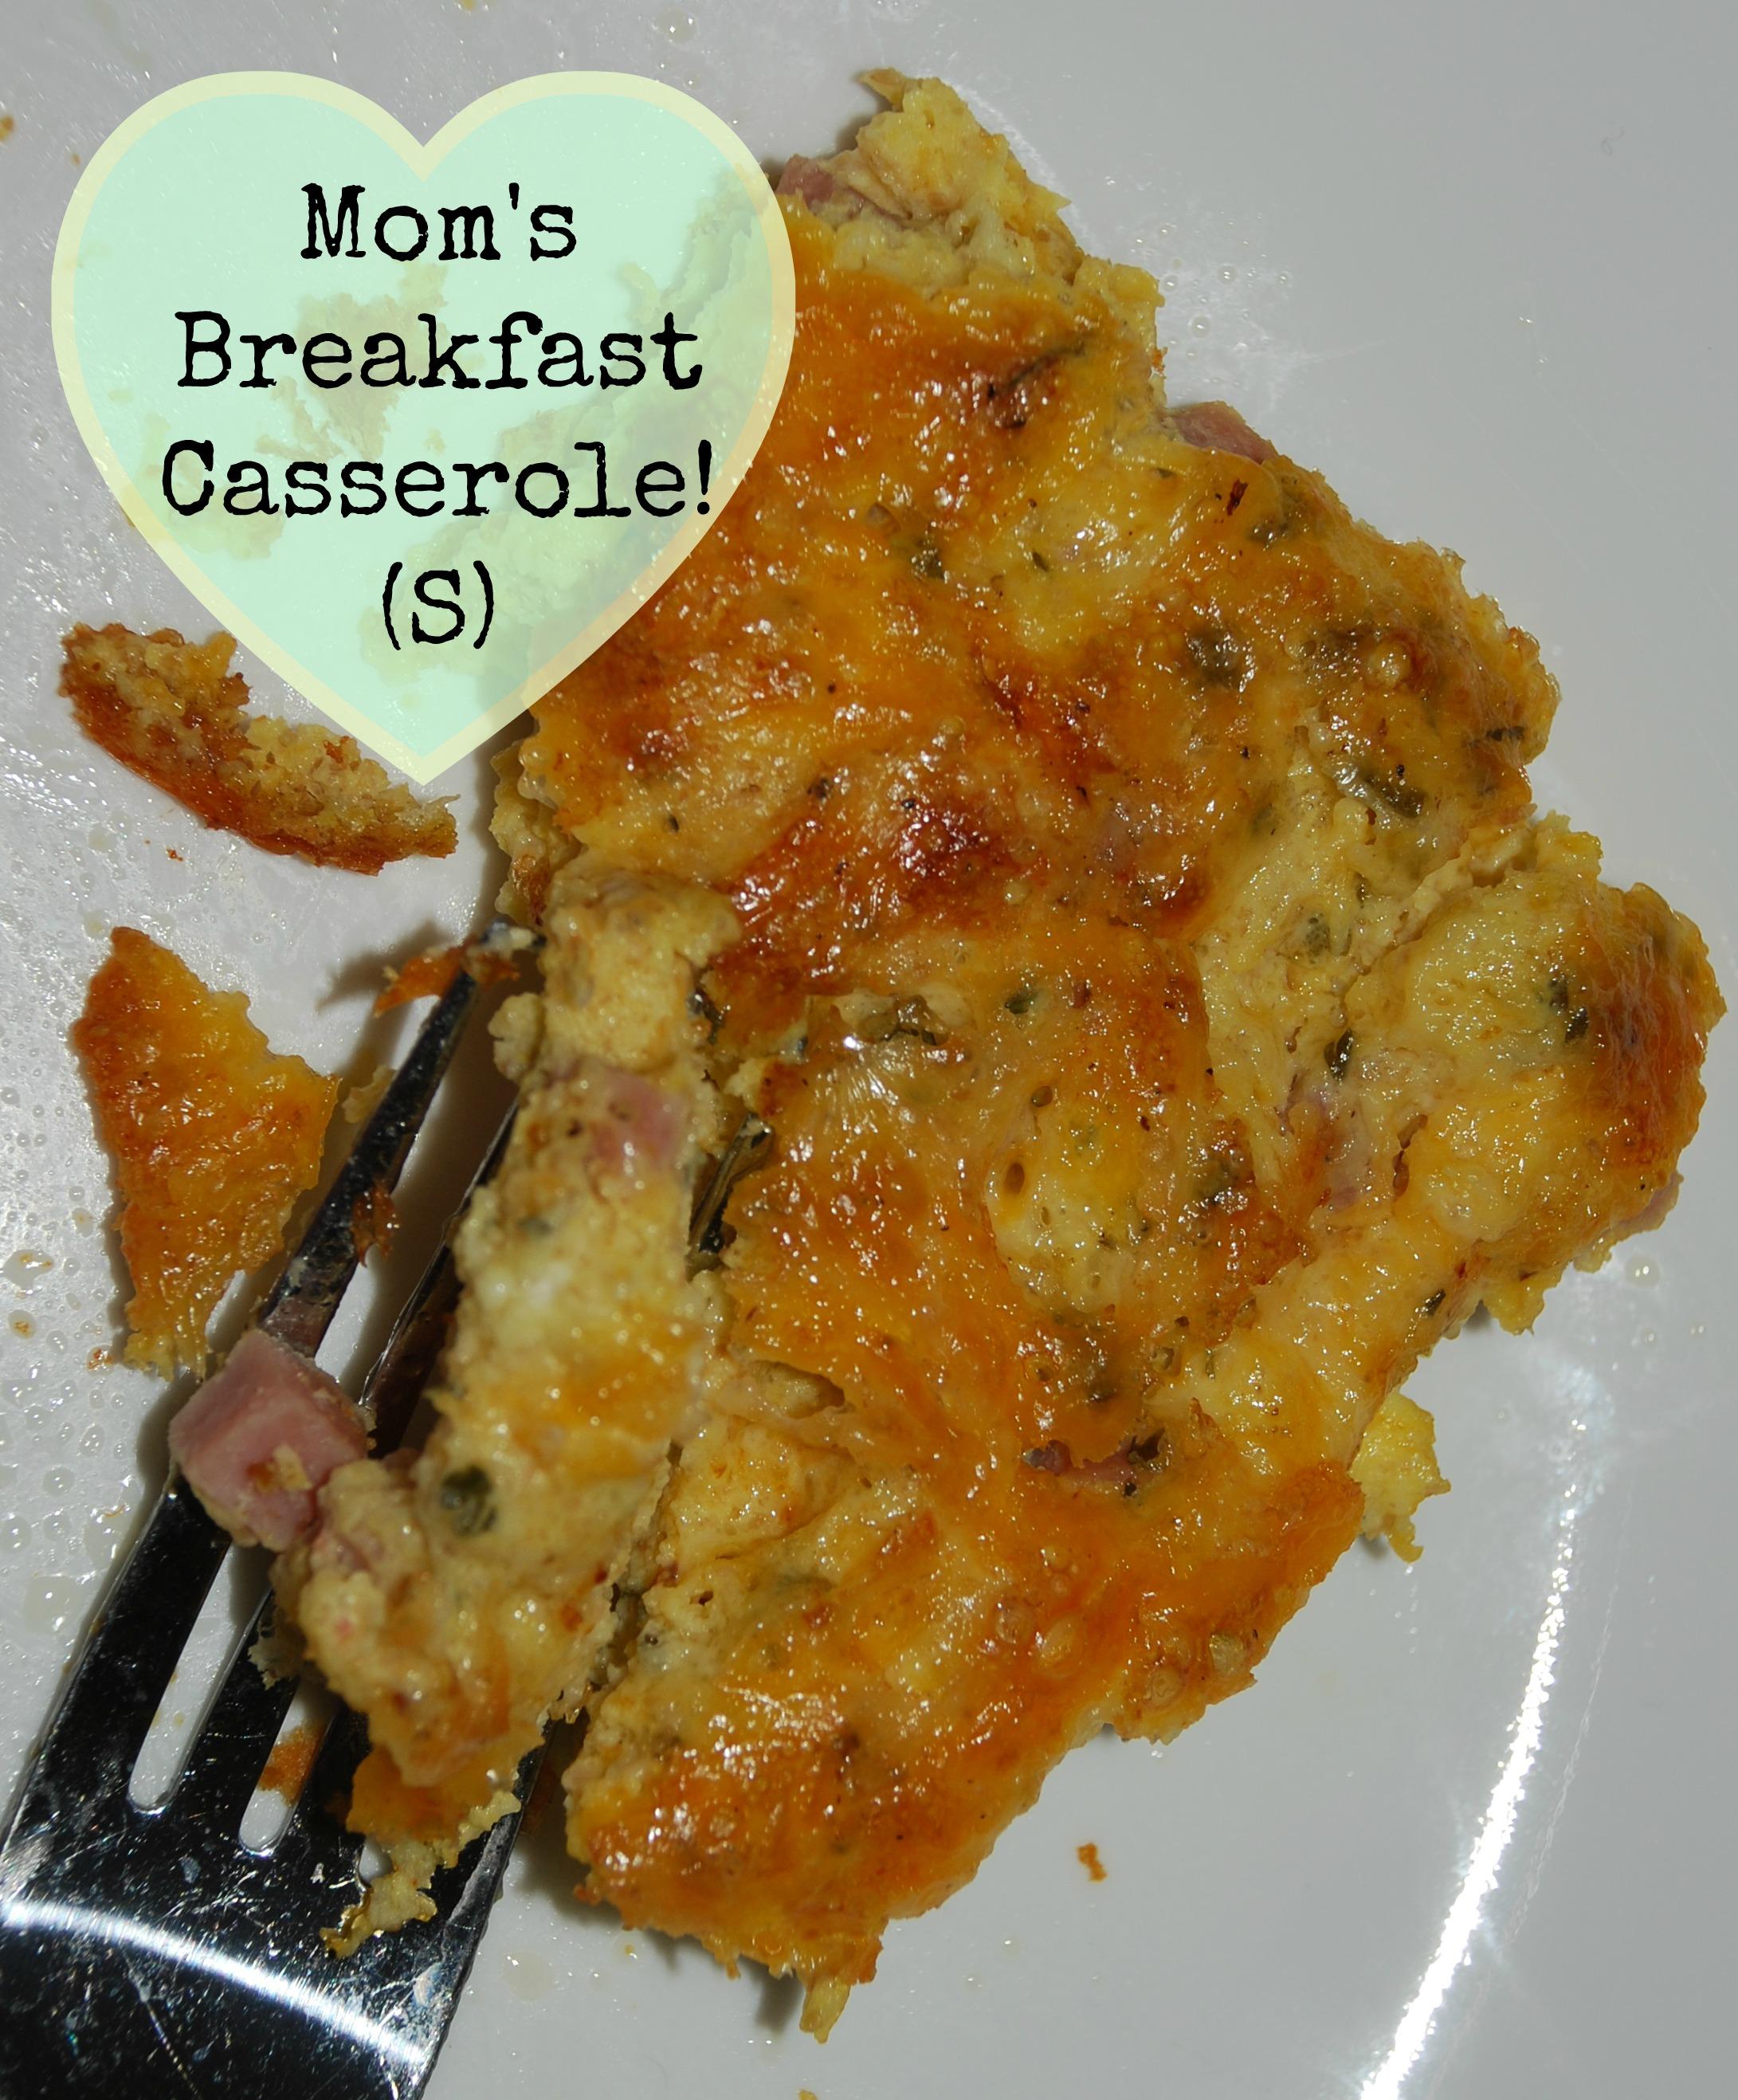 Mom's Breakfast Casserole! (S)